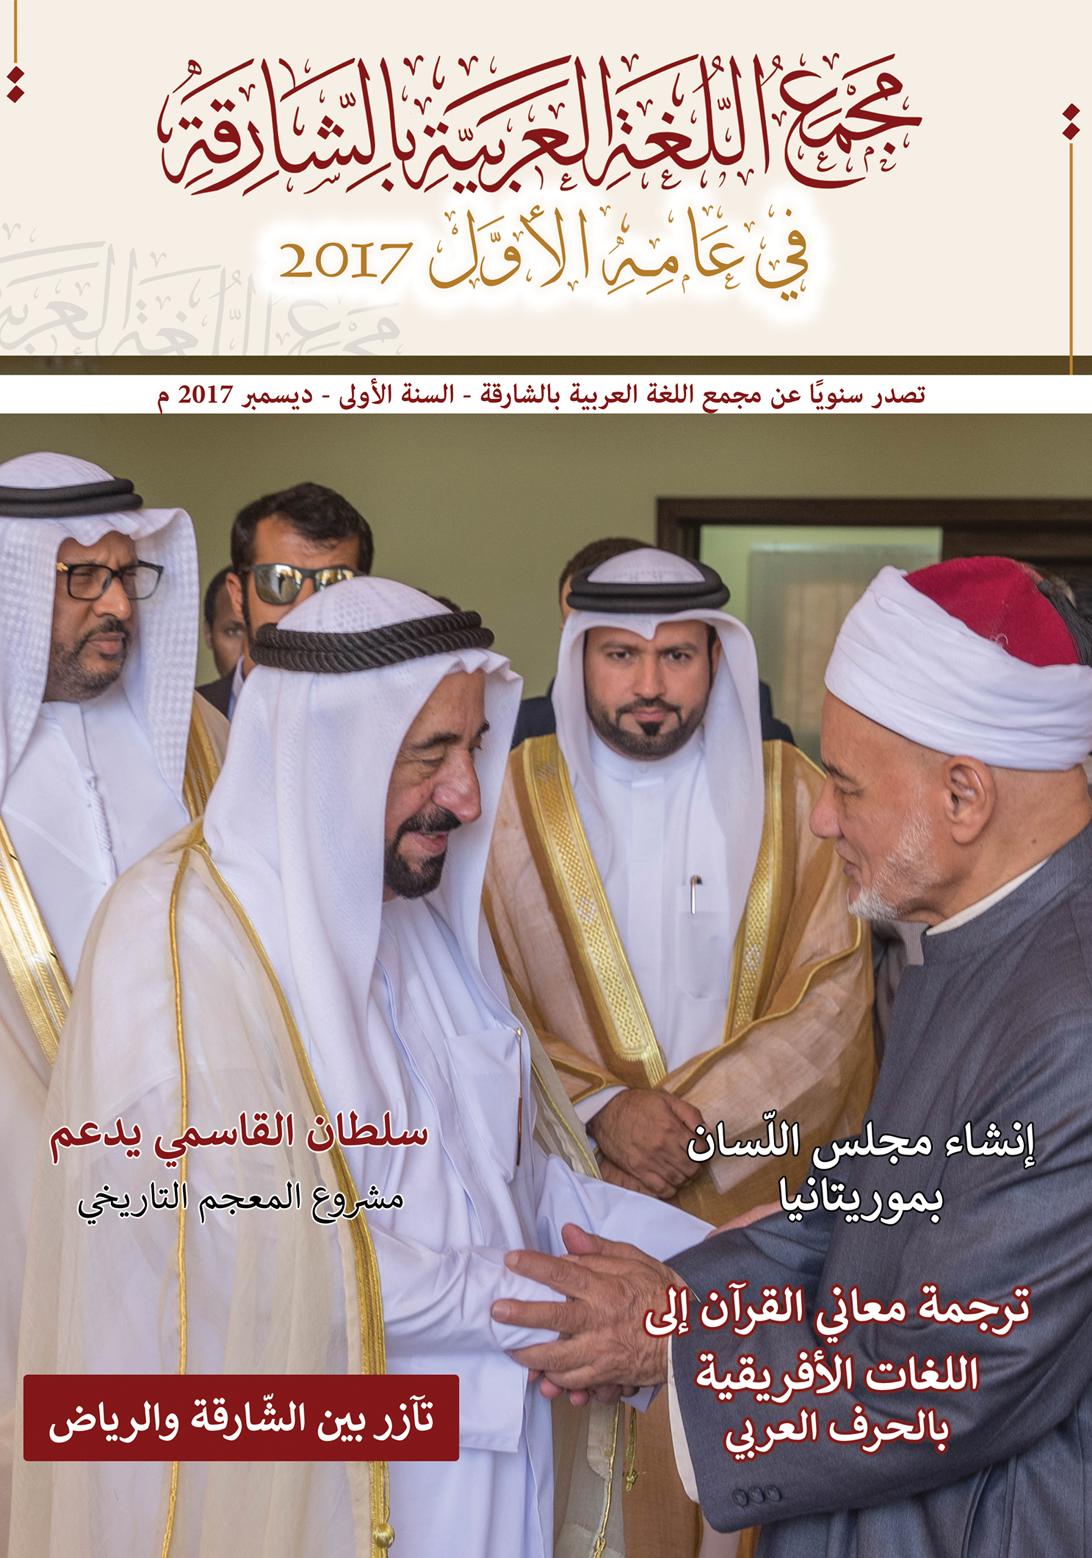 مجلة المجمع في عامه الأول 2017